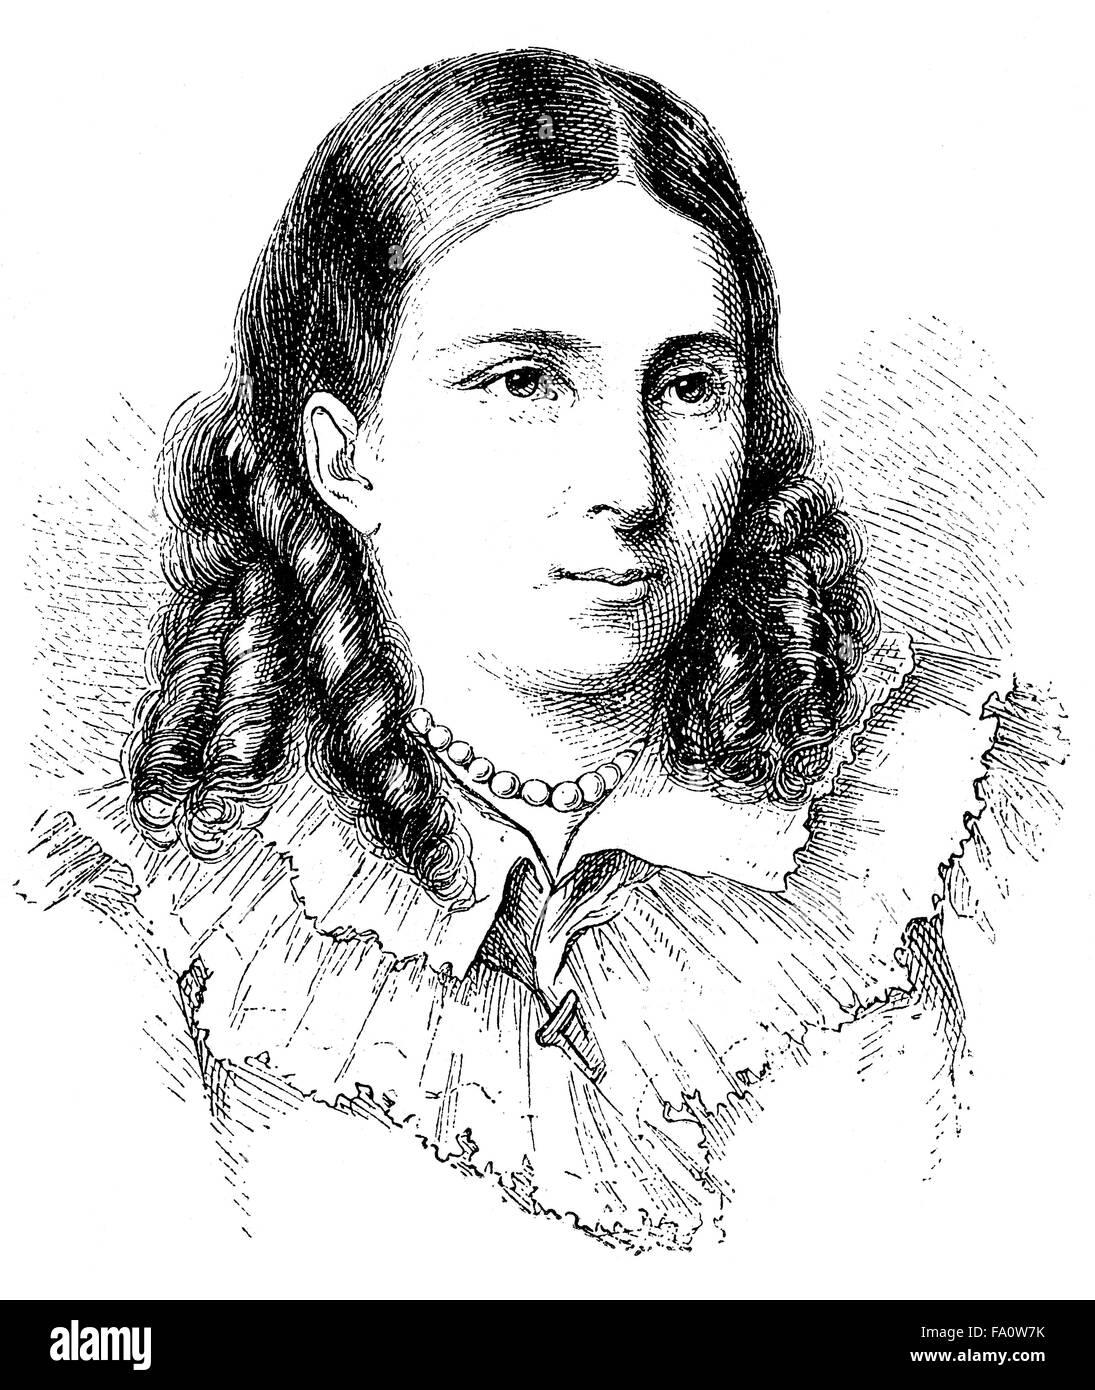 Bettina von Arnim, 1785-1859, deutscher Schriftsteller der deutschen Romantik Stockbild